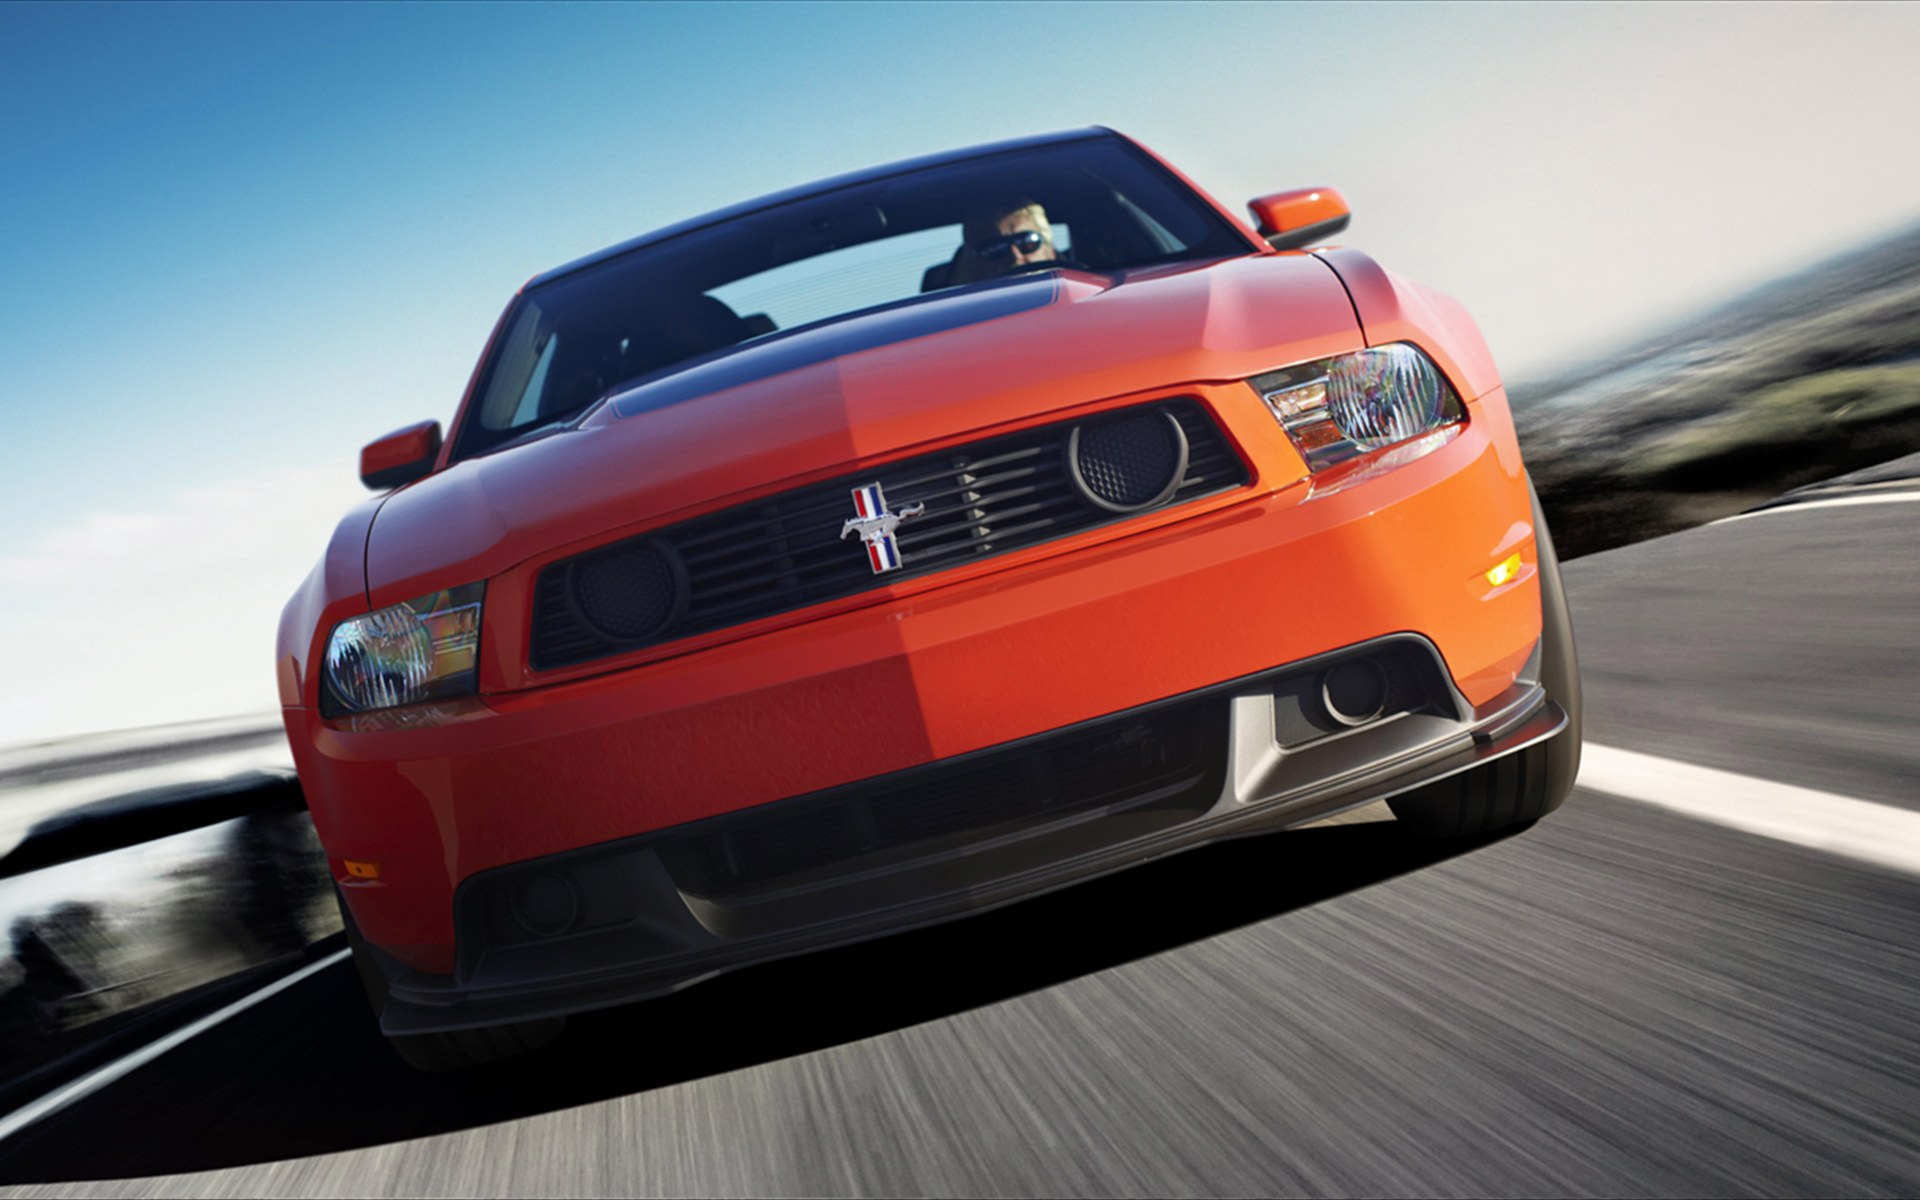 壁纸1920×1200Ford Mustang Boss 福特野马 302 2012 壁纸1壁纸 Ford Musta壁纸图片静物壁纸静物图片素材桌面壁纸